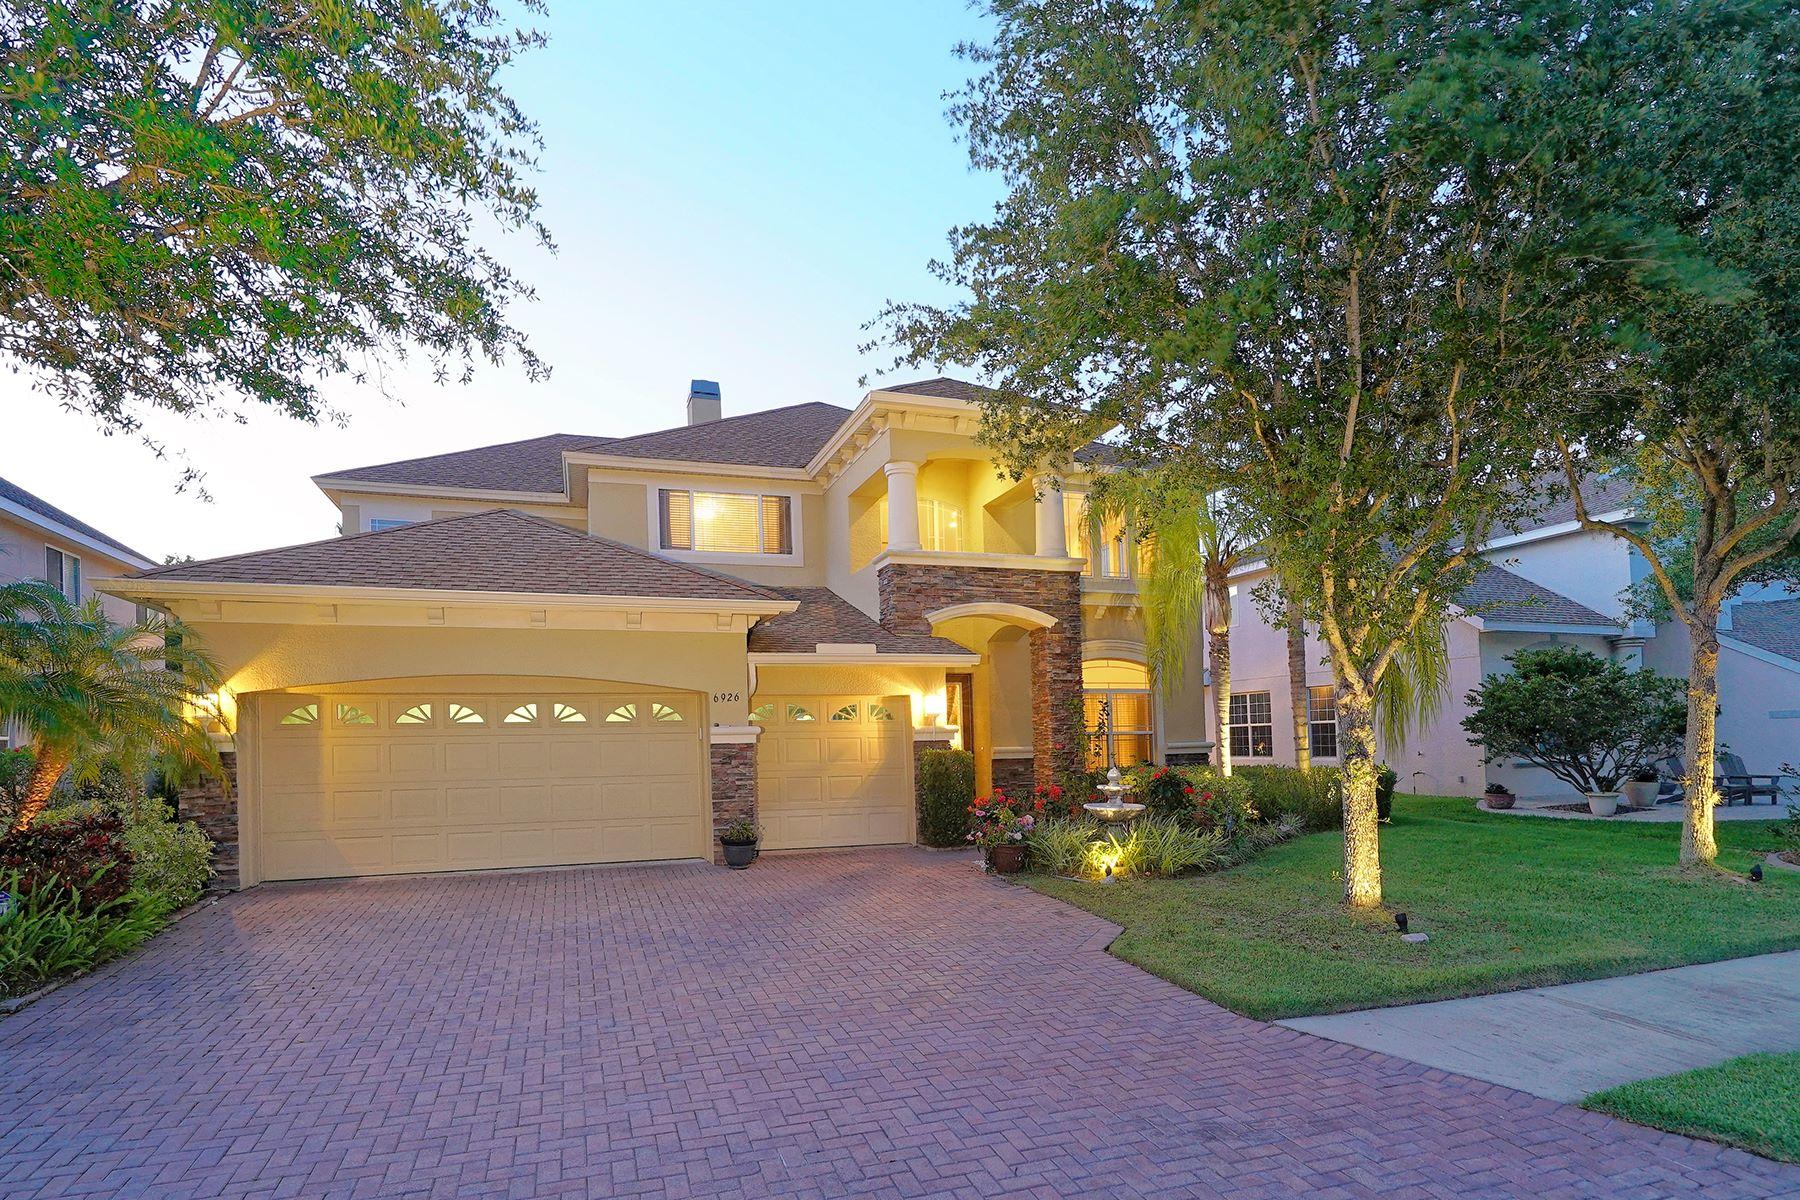 Tek Ailelik Ev için Satış at OAKLEAF HAMMOCK 6926 40th Ct E Ellenton, Florida, 34222 Amerika Birleşik Devletleri